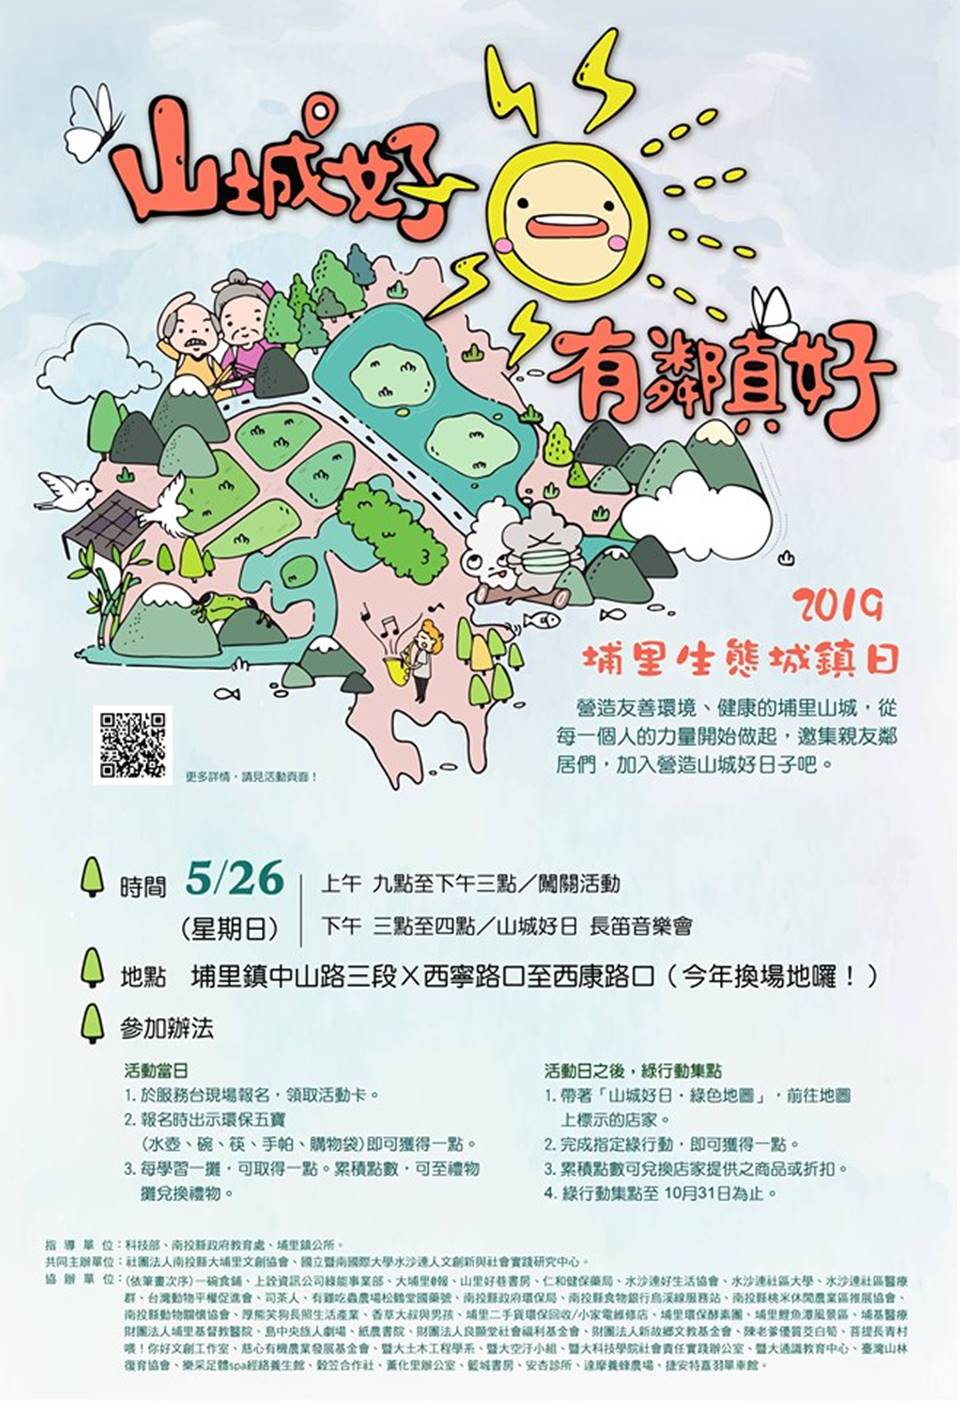 2019埔里生態城鎮日「山城好 有鄰真好」將在5月26日登場,活動海報設計富有趣味。(柏原祥 攝)